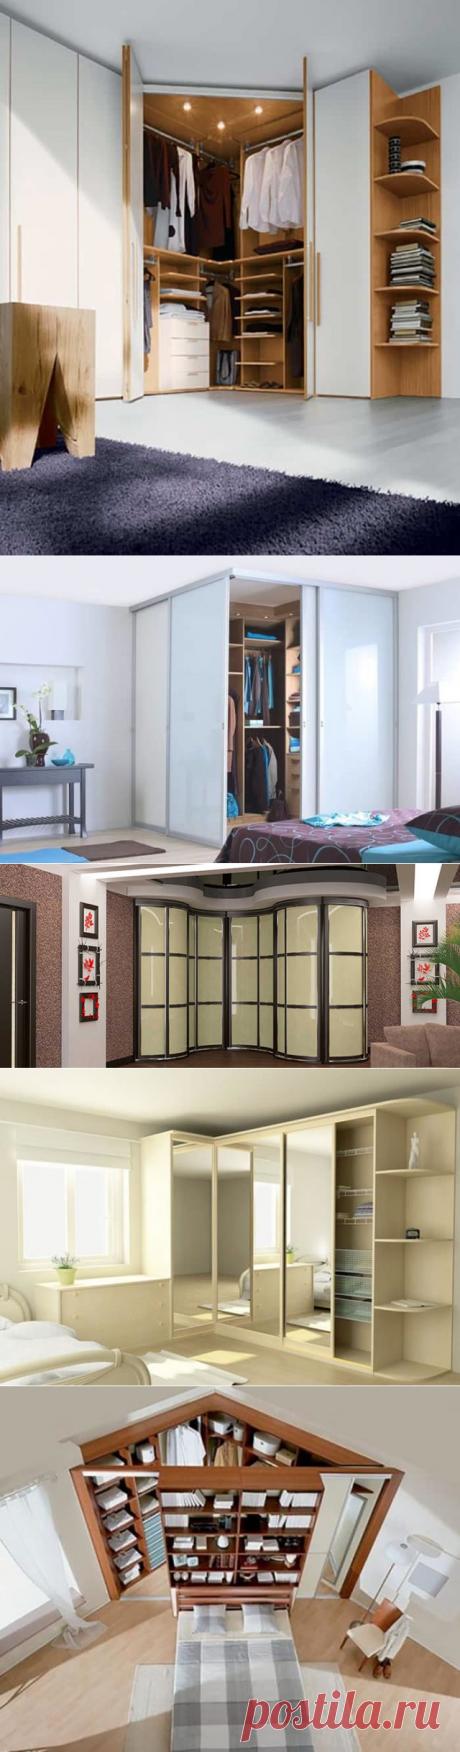 26 ideas excelentes con los dibujos para la creación del armario del sueño